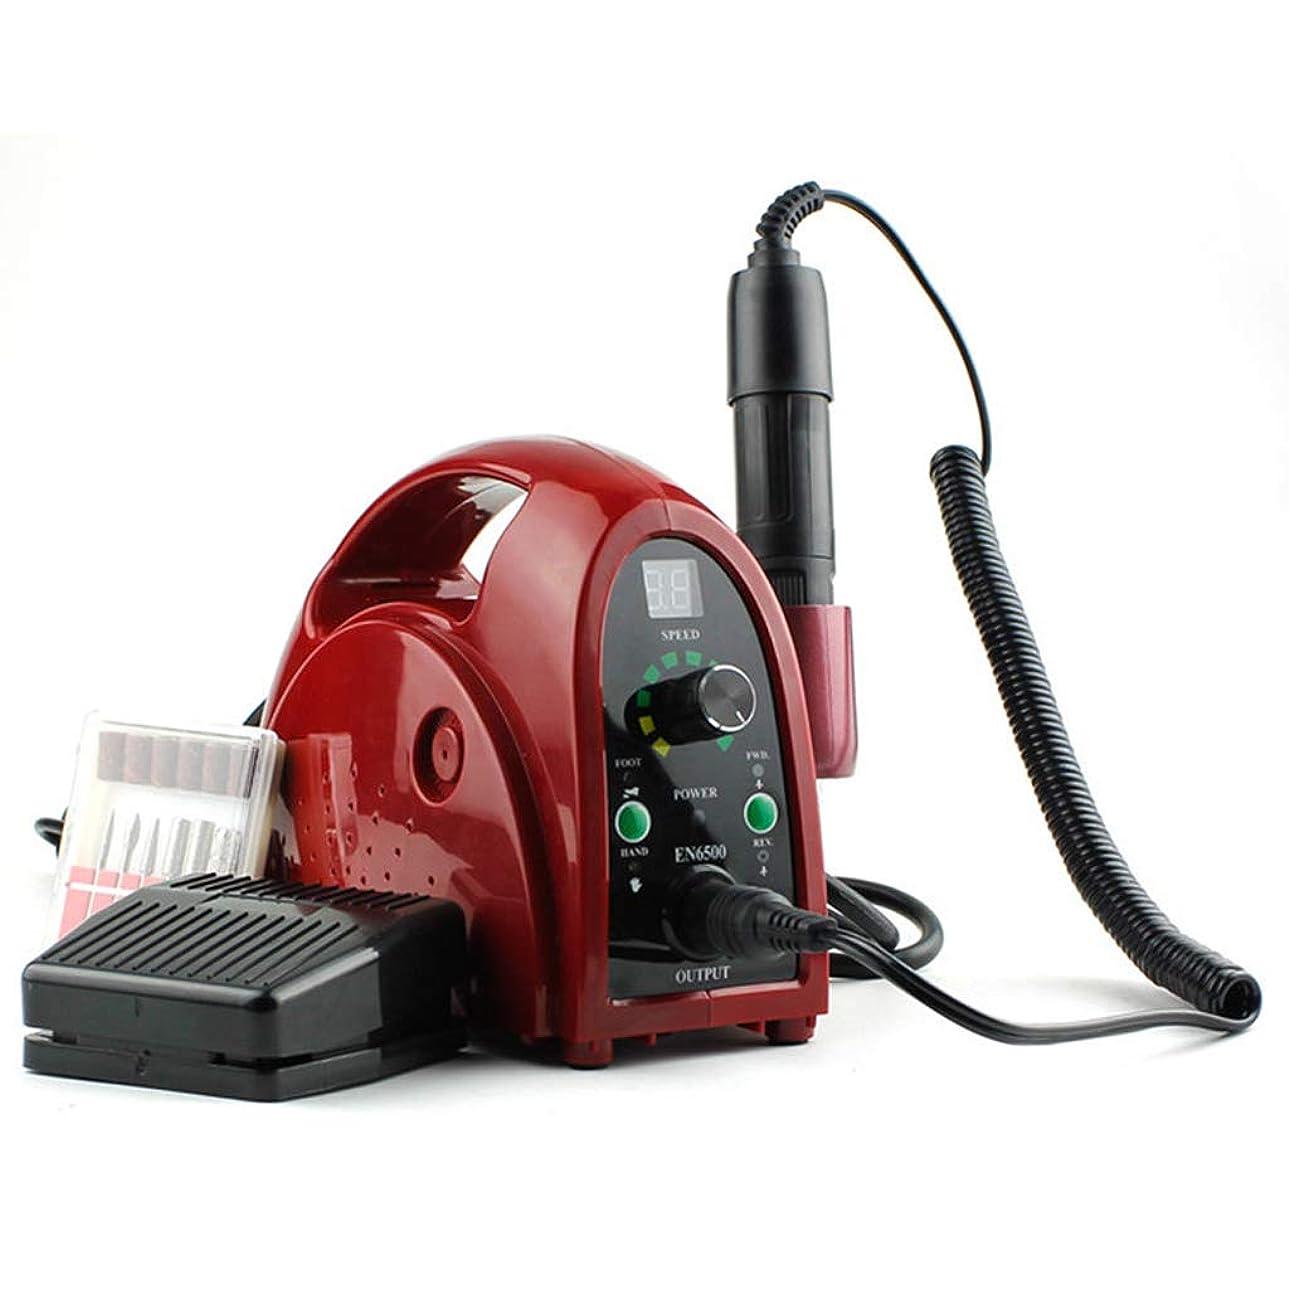 記念碑歴史家嬉しいです爪研磨機電気マニキュアアクリルネイルマシンサロンケア研磨機35000RPM (色 : Red)